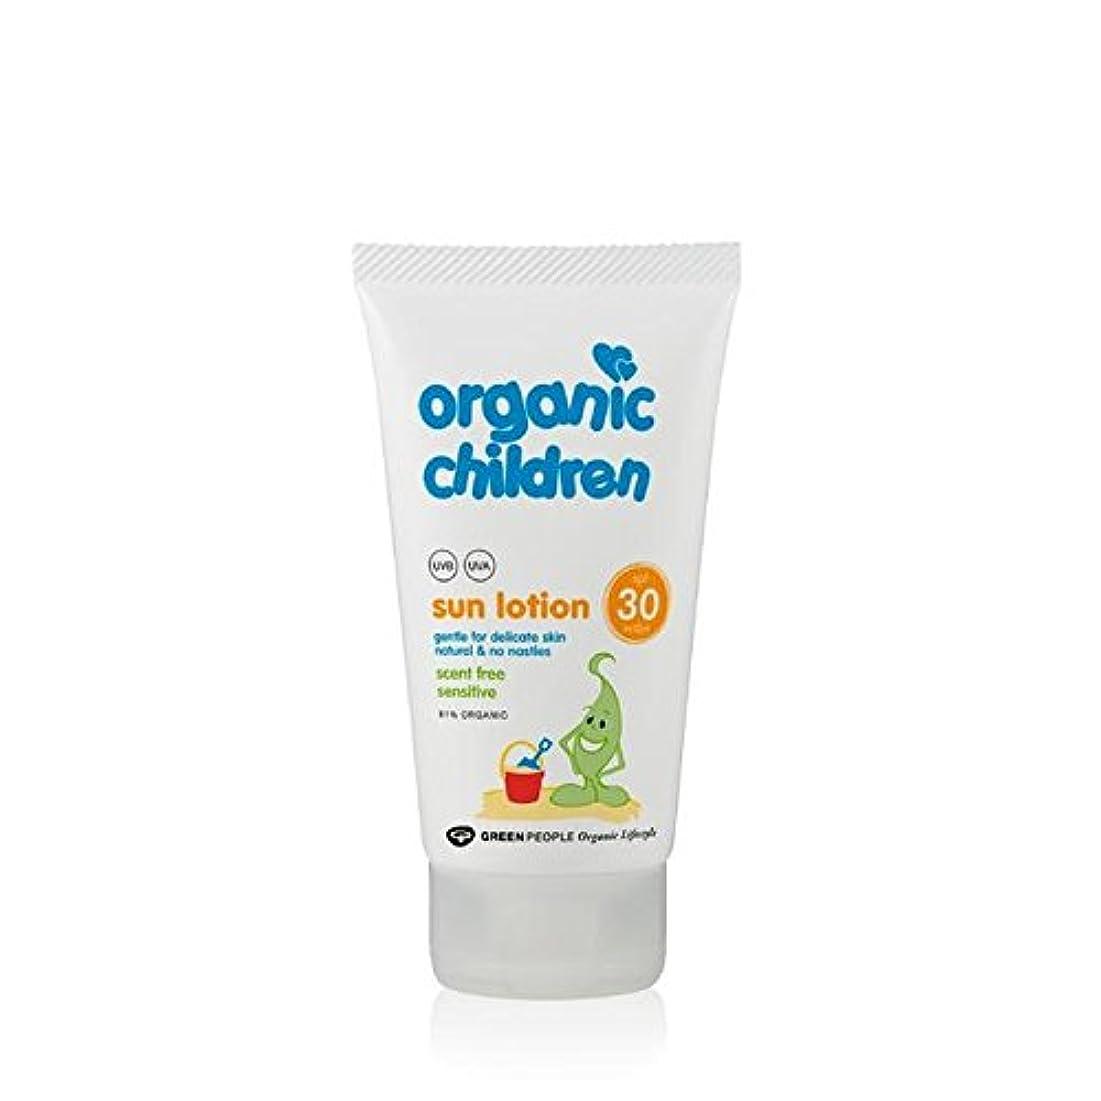 窓を洗うめ言葉幻滅する有機子ども30の香り無料のサンローション150 x2 - Organic Children SPF30 Scent Free Sun Lotion 150ml (Pack of 2) [並行輸入品]